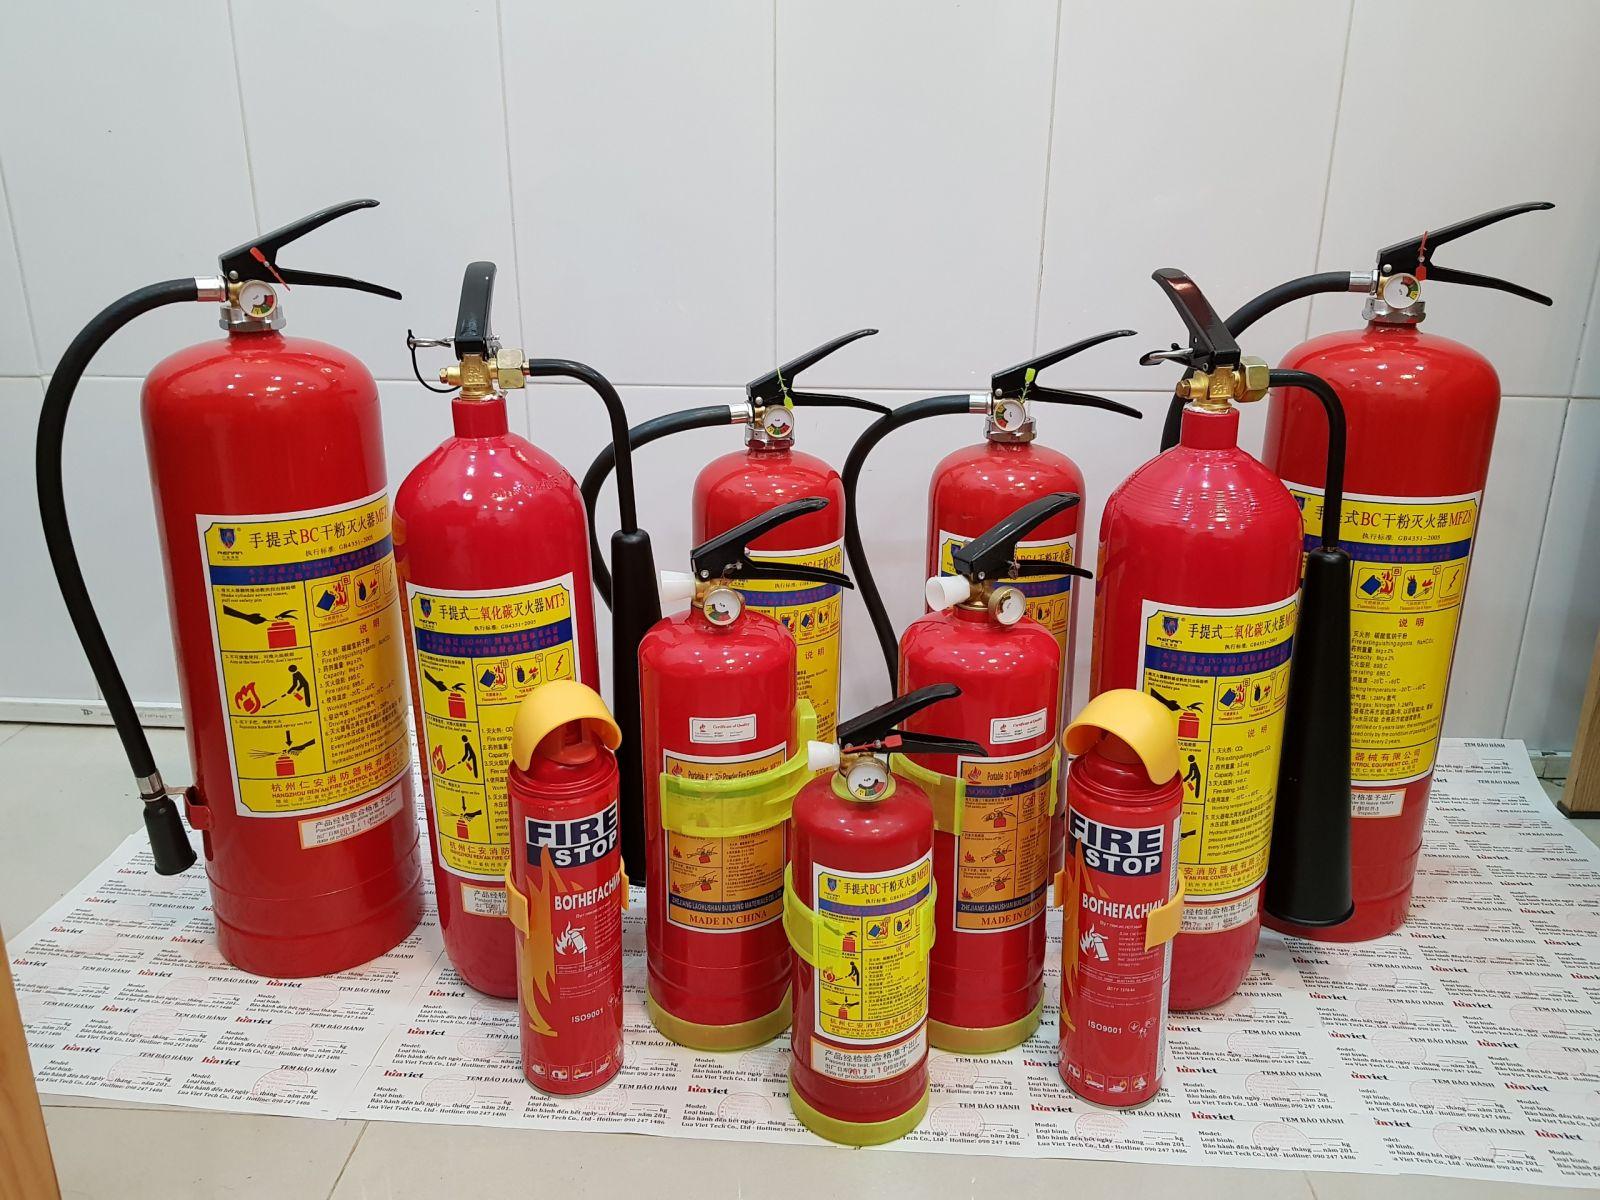 cho thêu bình chữa cháy giá rẻ chất lượng